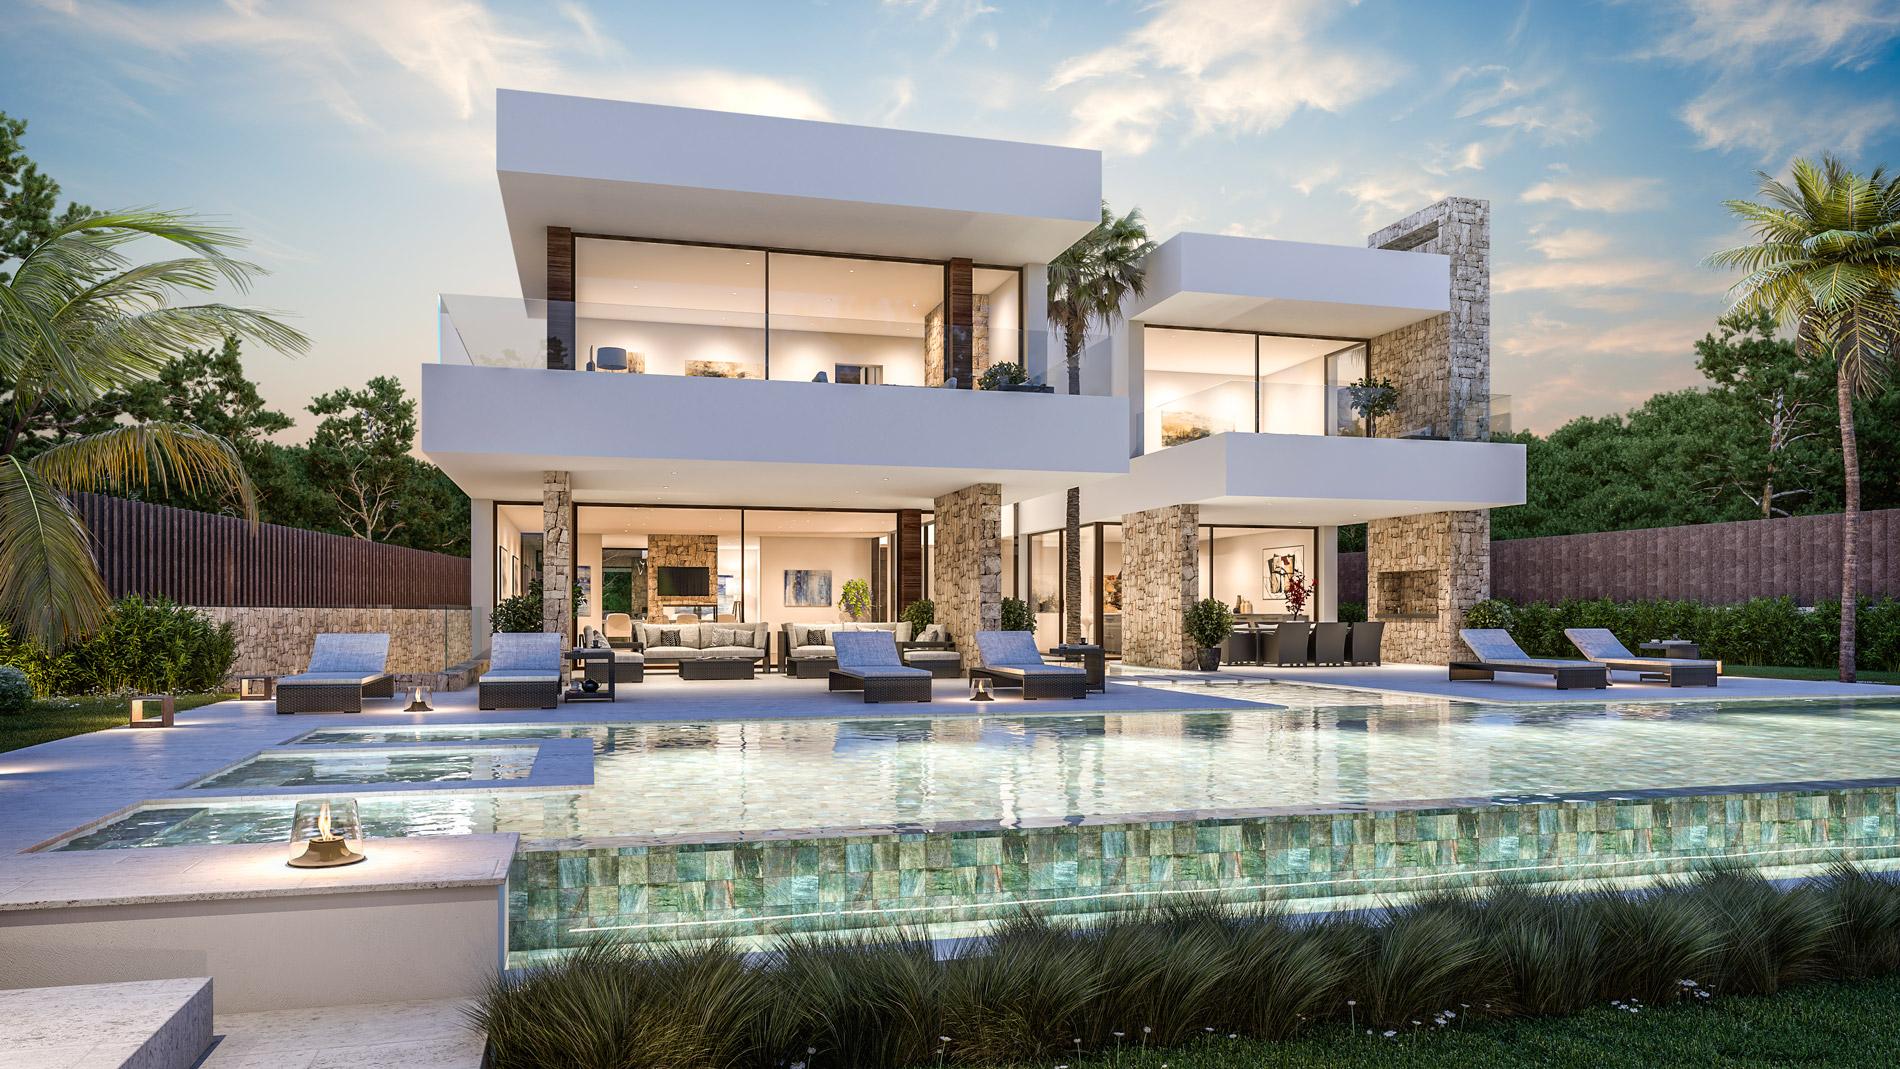 Magnifica villa contemporánea en Guadalmina Baja